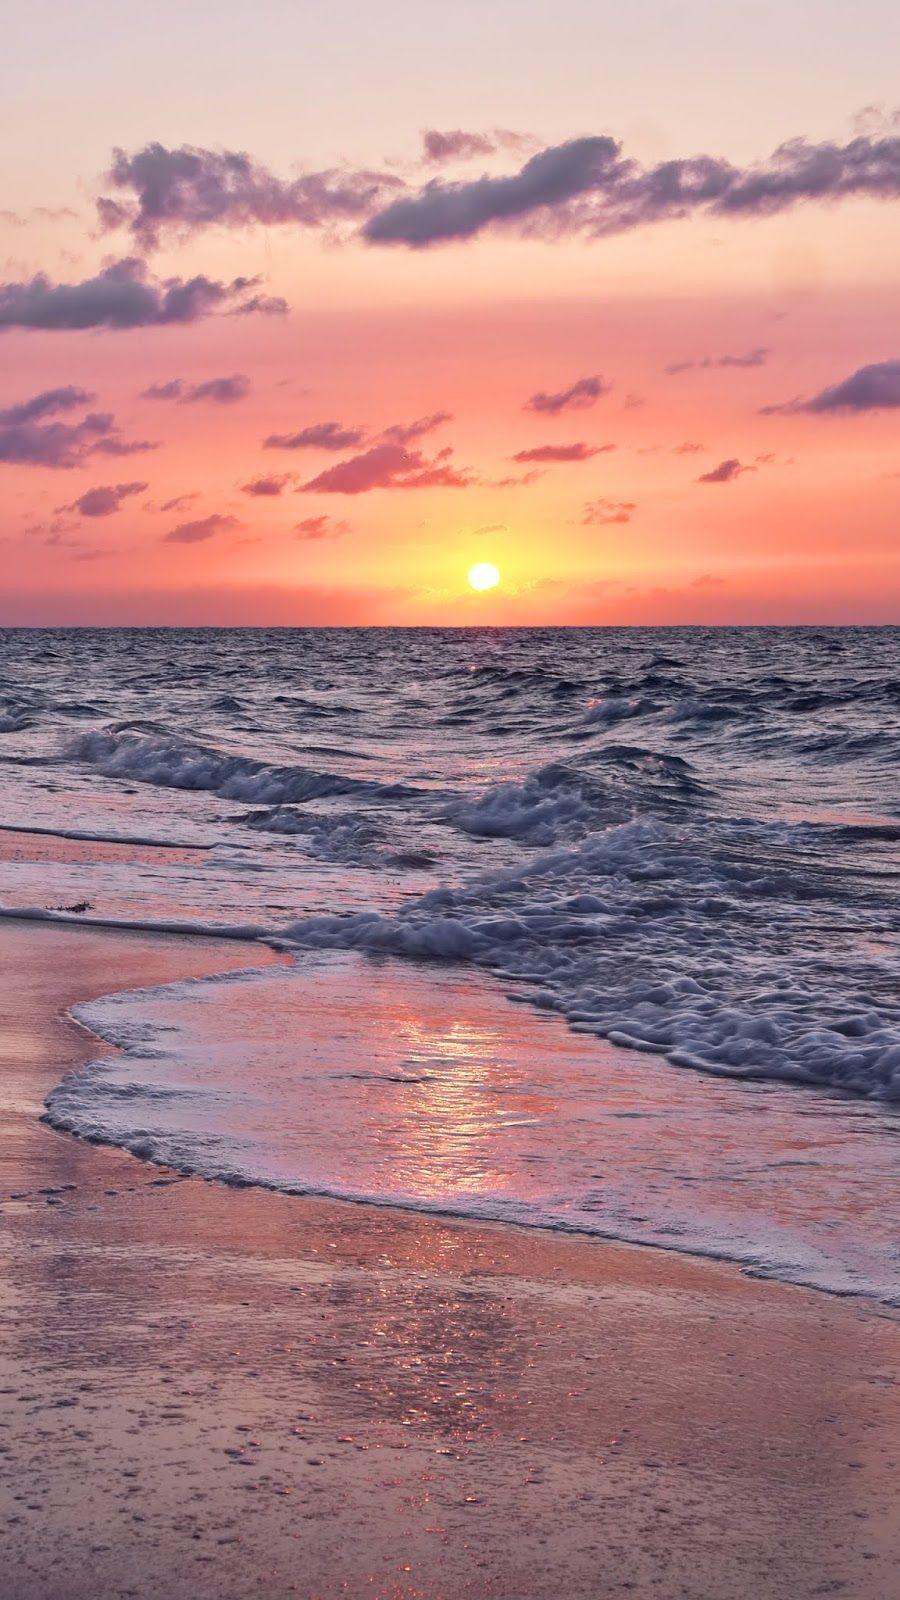 Coucher De Soleil Sur La Plage Beach Sunset Wallpaper Sunset Wallpaper Wallpaper Iphone Summer